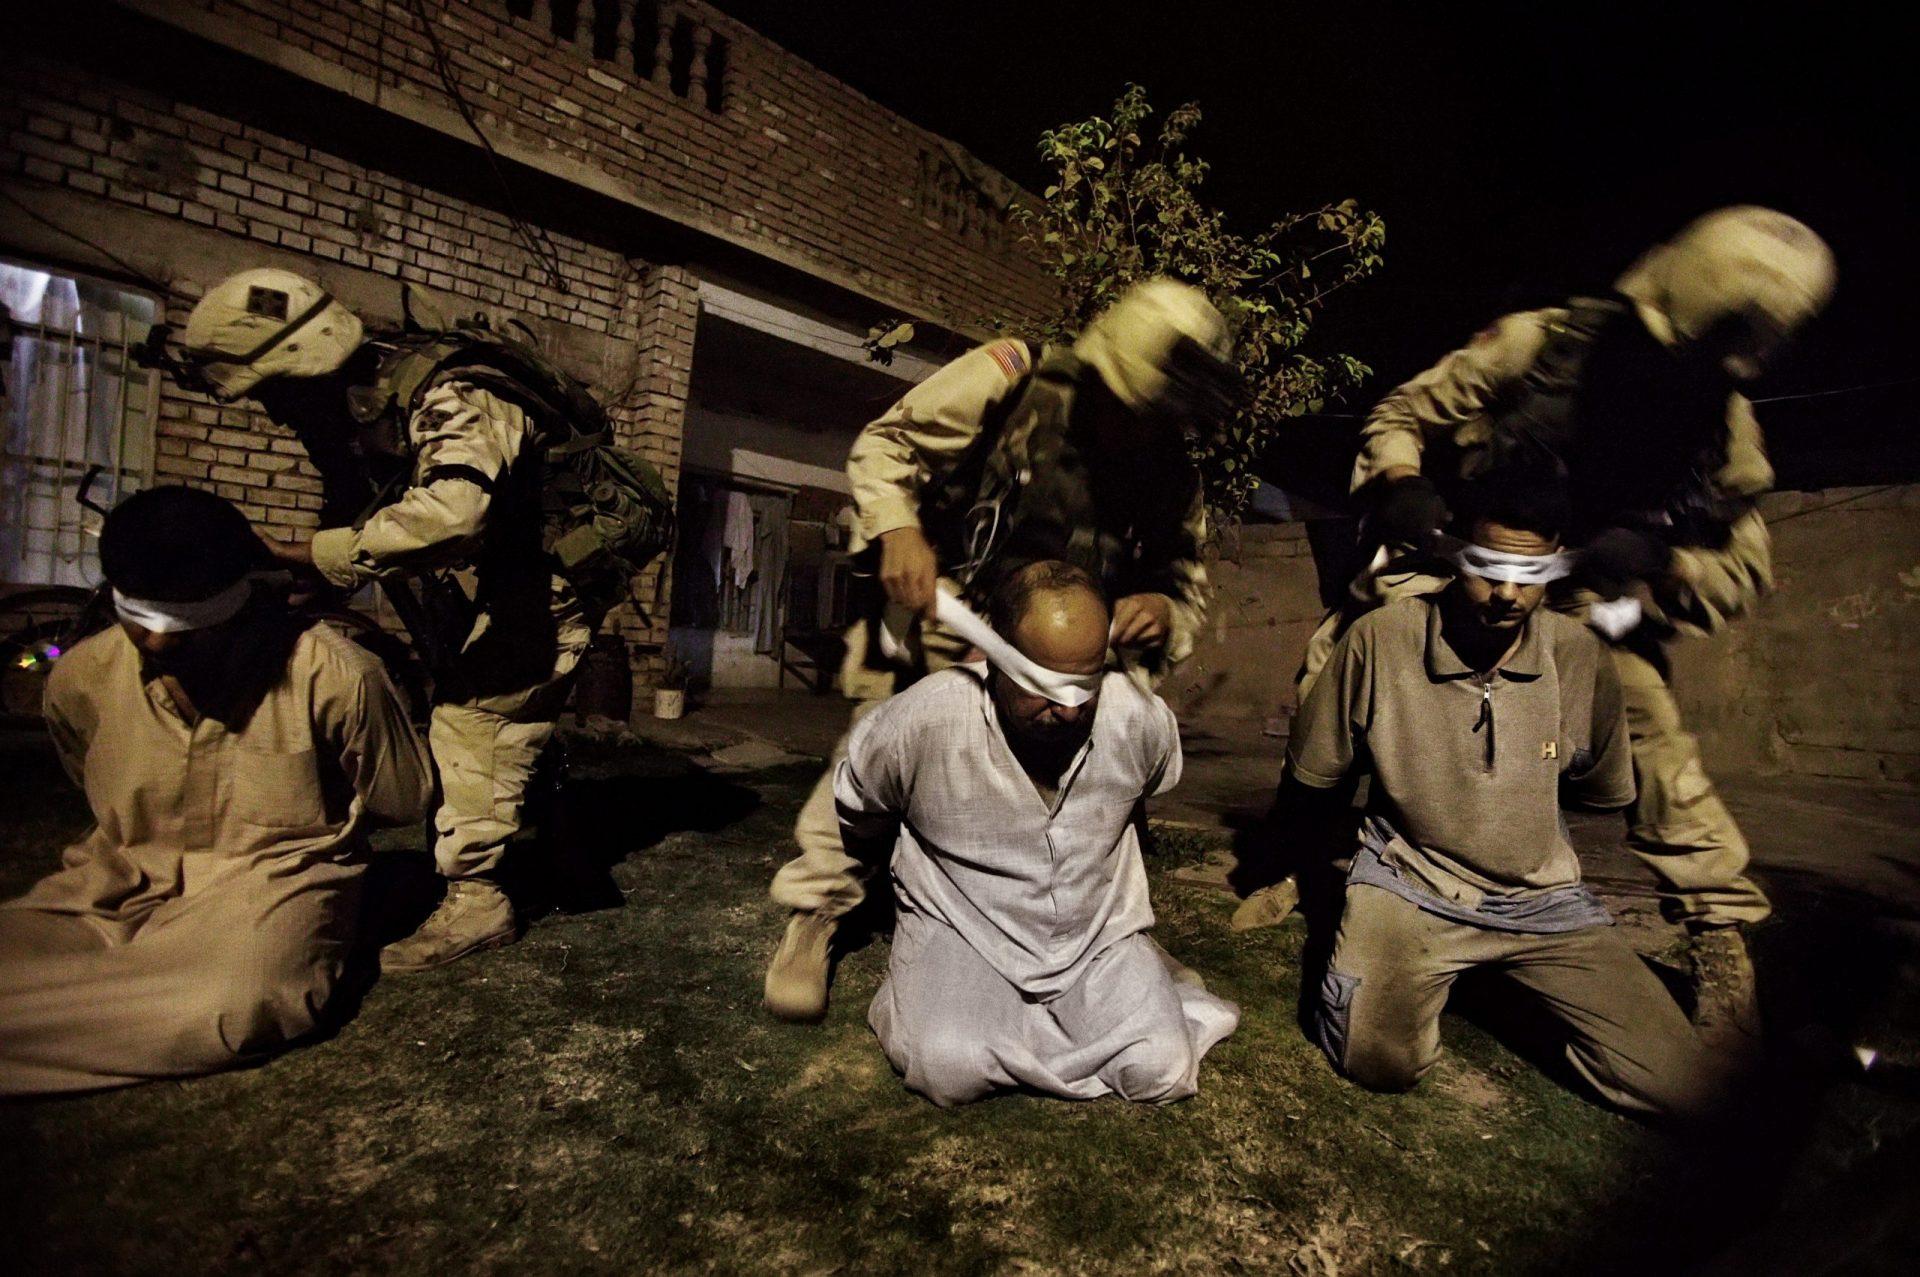 Pie de foto: TIKRIT, Irak, 24 de septiembre de 2003: Los soldados estadounidenses del 1er Batallón (22º regimiento de infantería, compañía C) de la Cuarta División del Ejército de los Estados Unidos vendan los ojos a hombres sospechosos de ser traficantes de armas y explosivos en Tikrit.